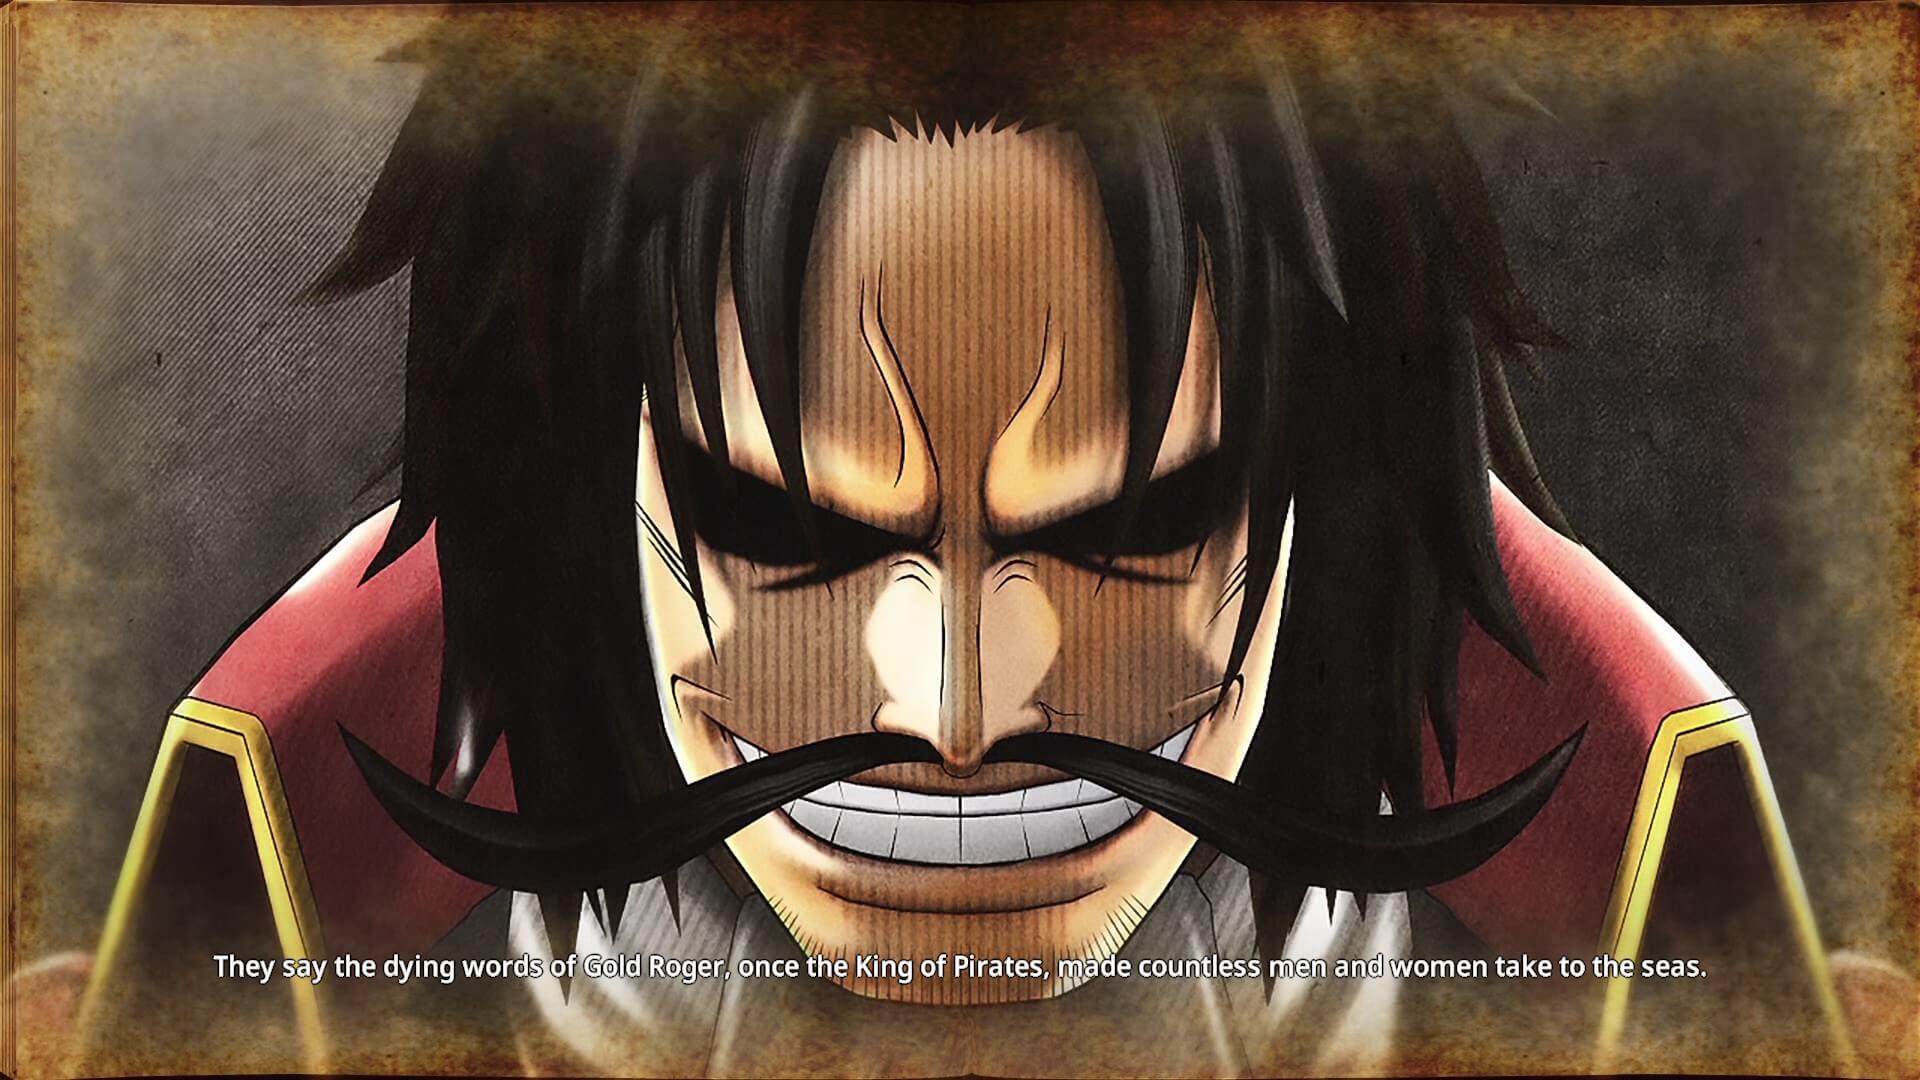 One Piece Pirate Warriors 4 Gol D Roger 1920x1080 Download Hd Wallpaper Wallpapertip